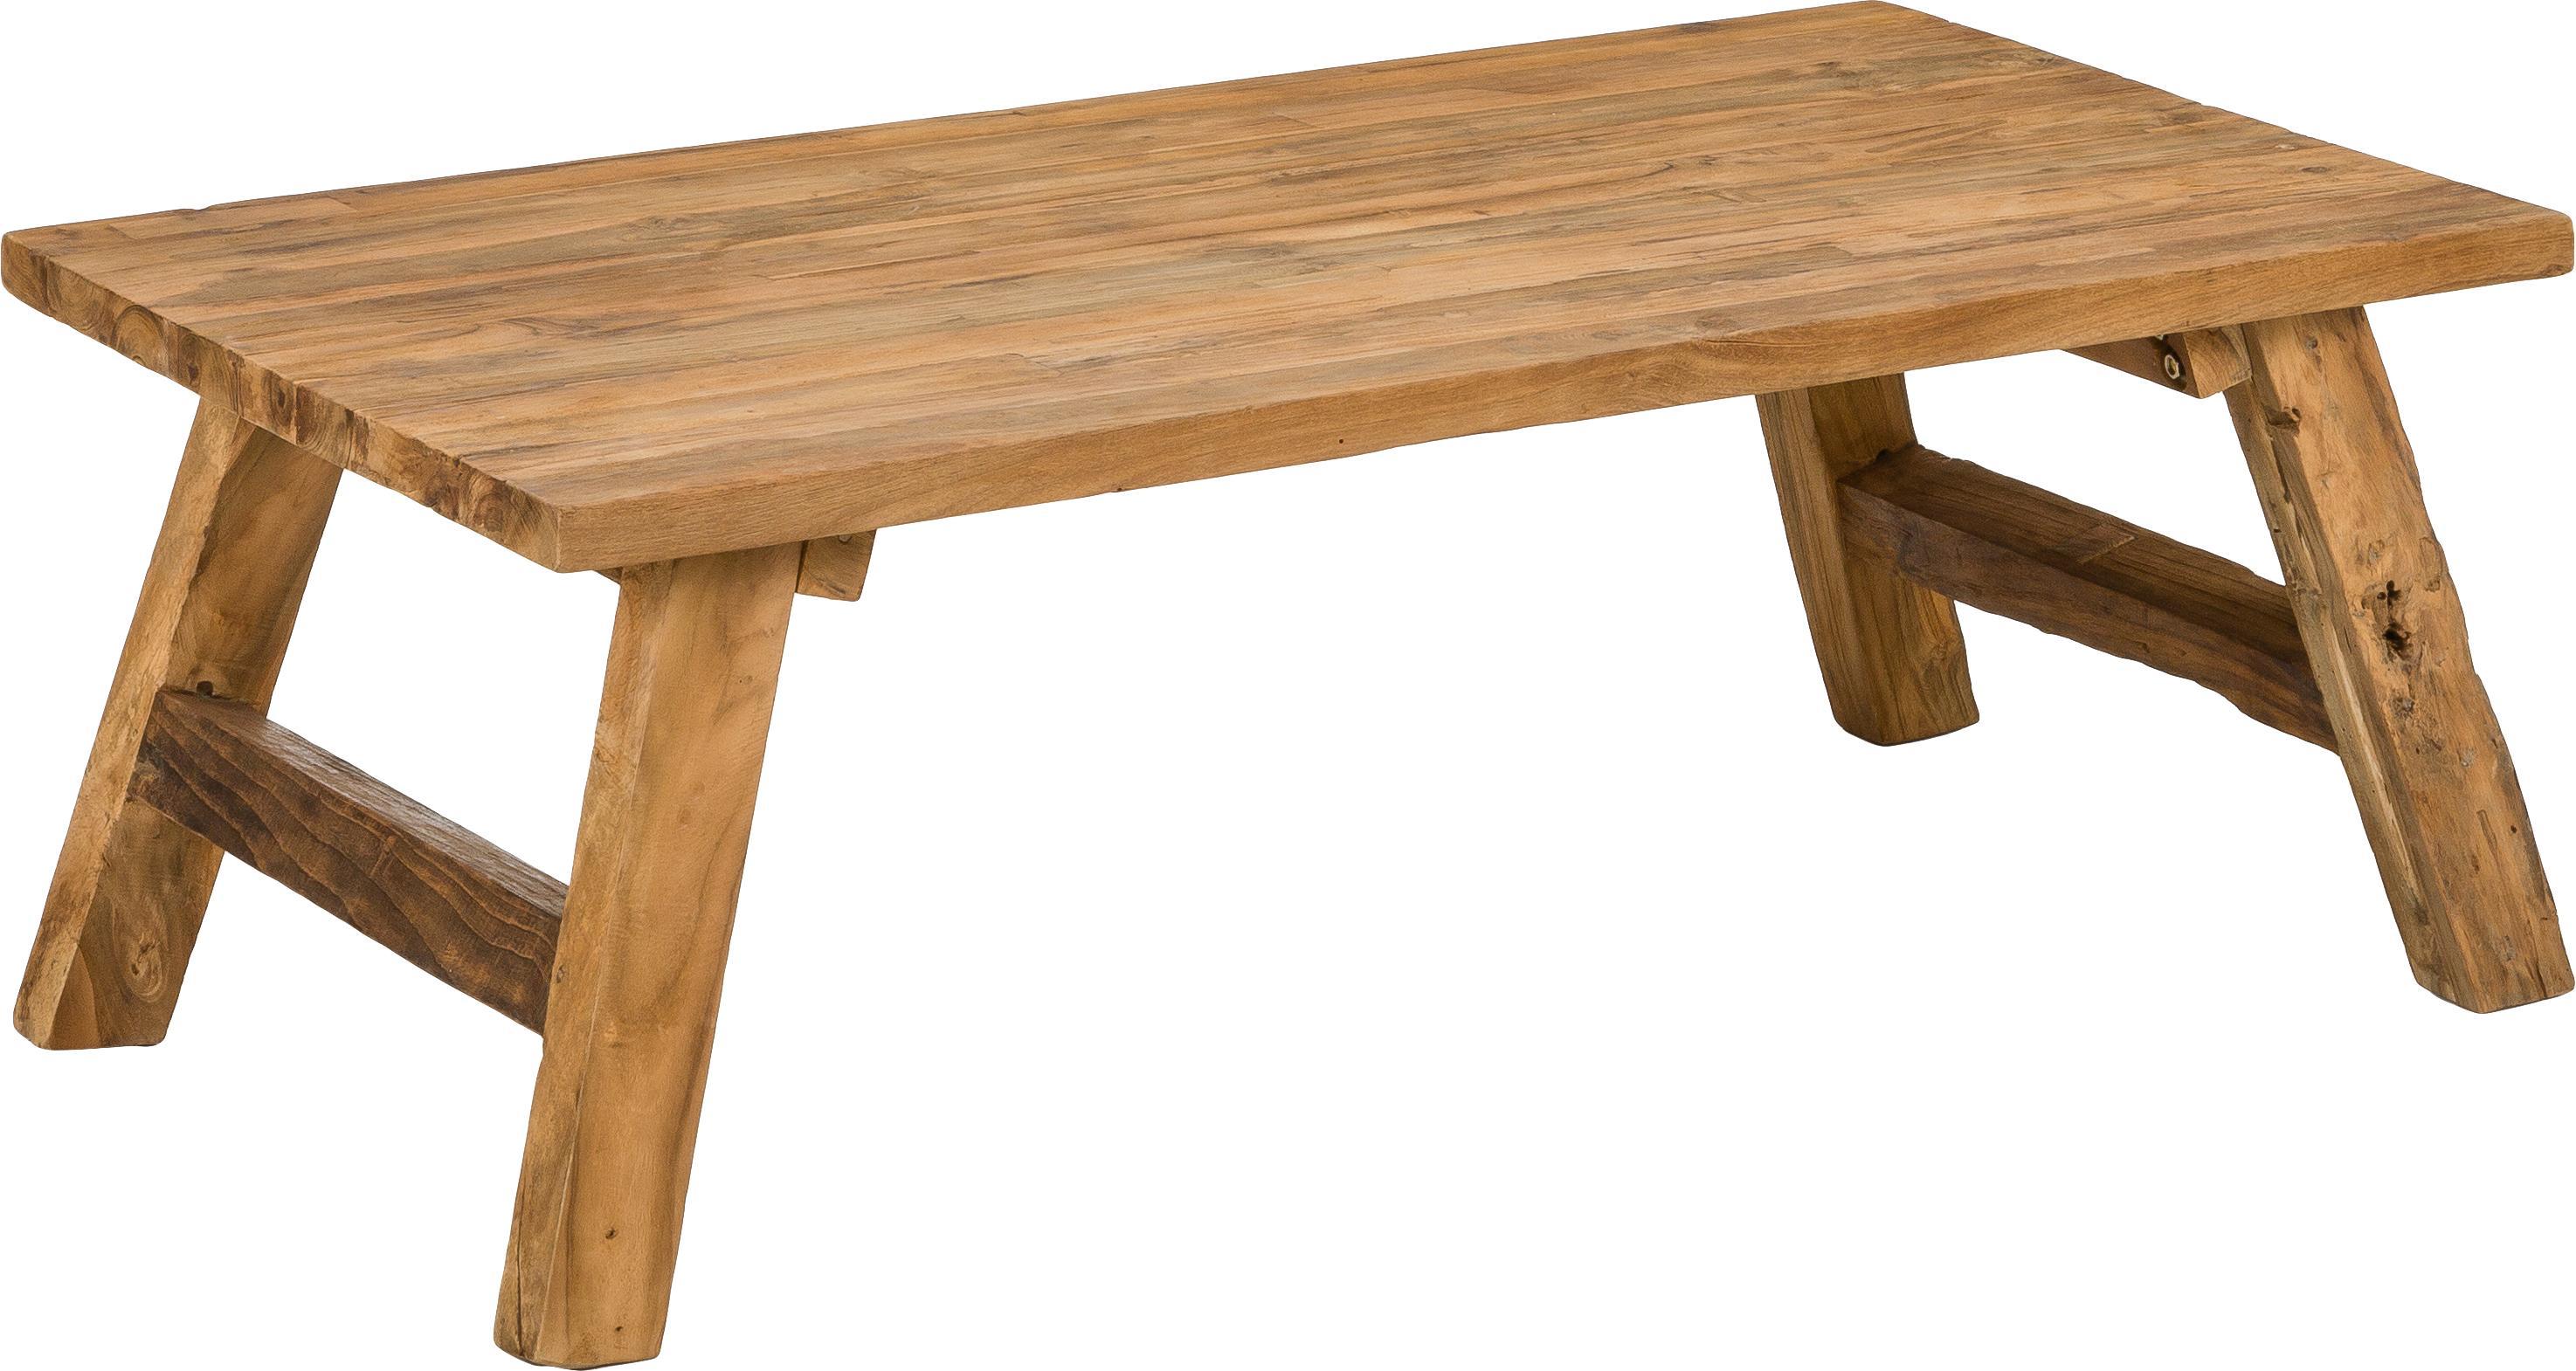 Stolik kawowy z drewna tekowego Lawas, Naturalne drewno tekowe, Drewno tekowe, S 120 x W 45cm